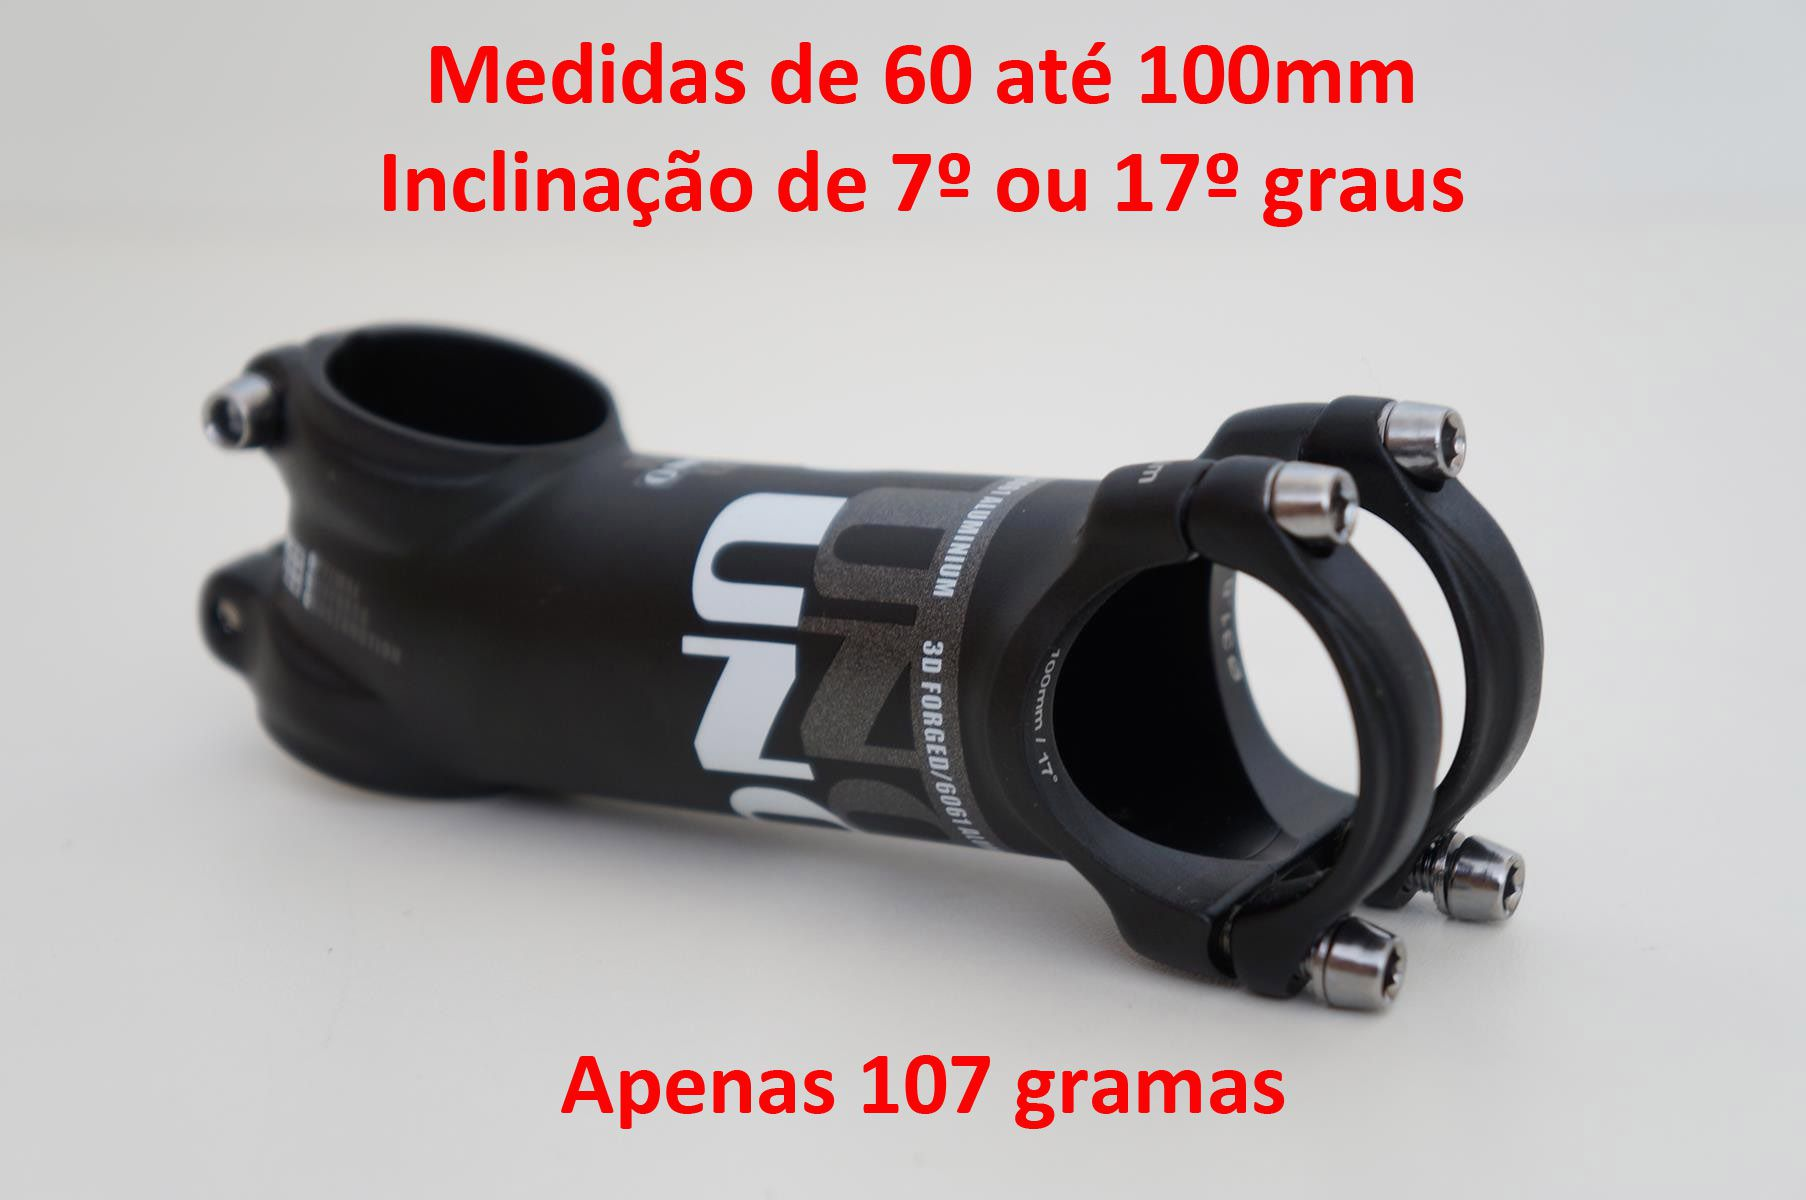 Mesa Bicicleta Uno AS025 31.8mm 7º ou 17º graus Inclinação Preta Super Leve Várias Medidas